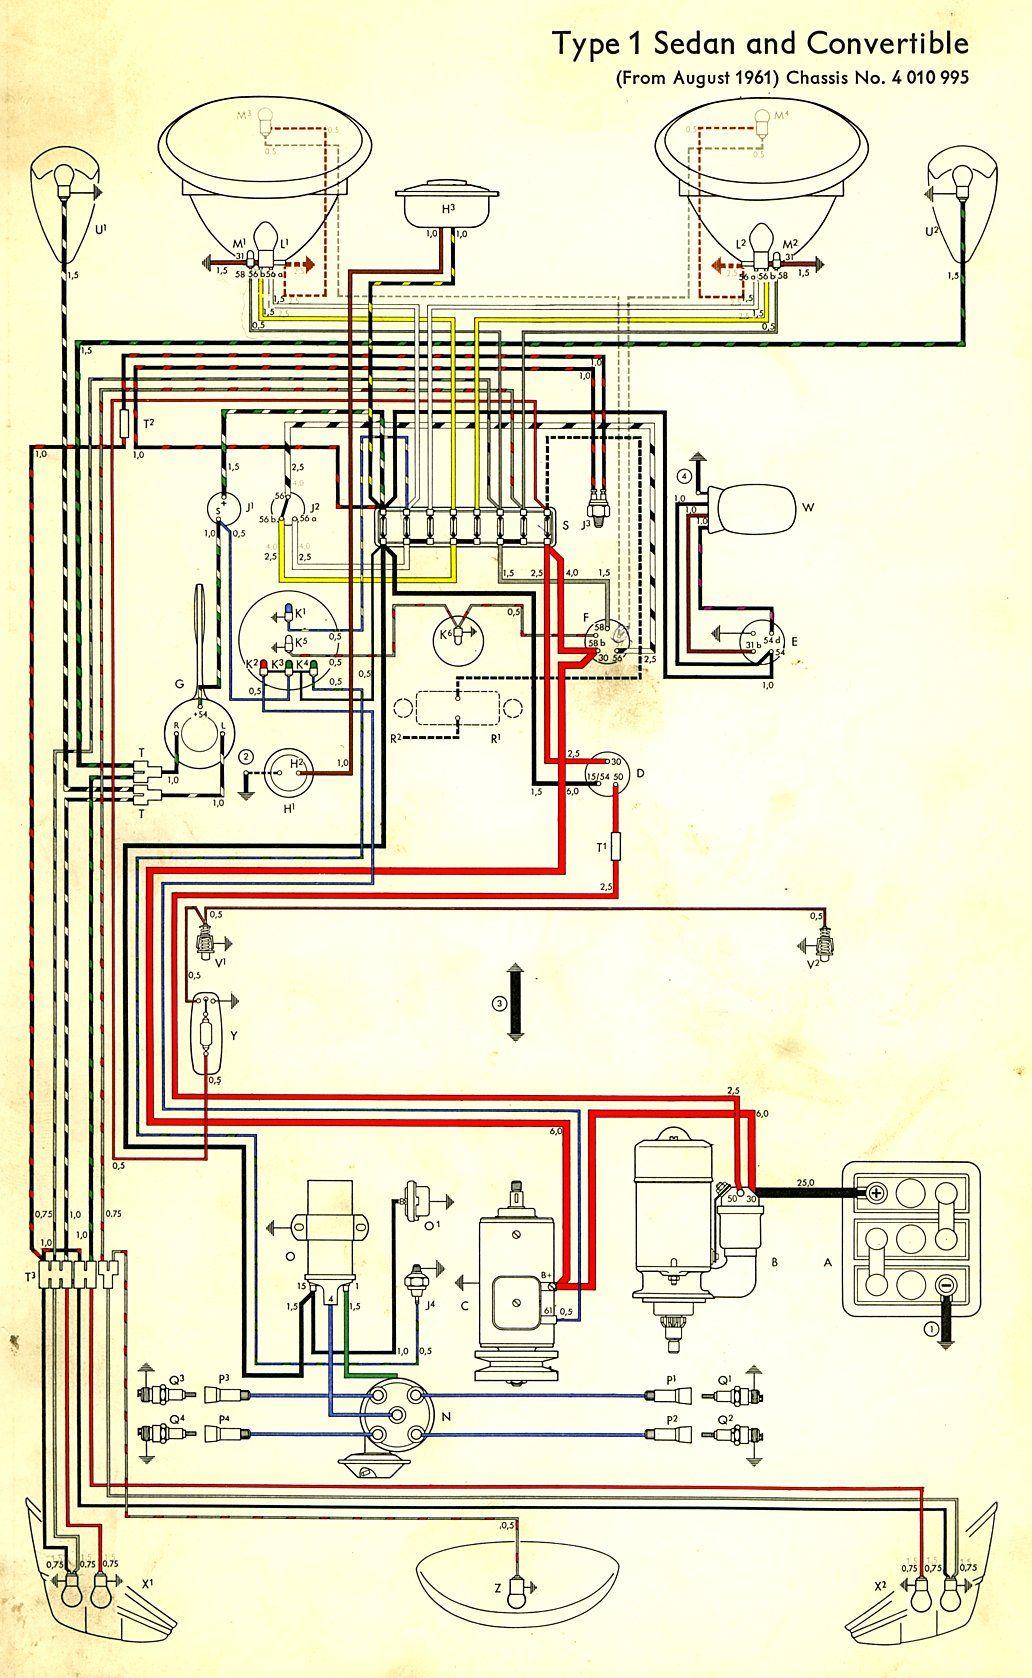 Astonishing Vw Type 1 Wiring Diagram Basic Electronics Wiring Diagram Wiring Cloud Rometaidewilluminateatxorg